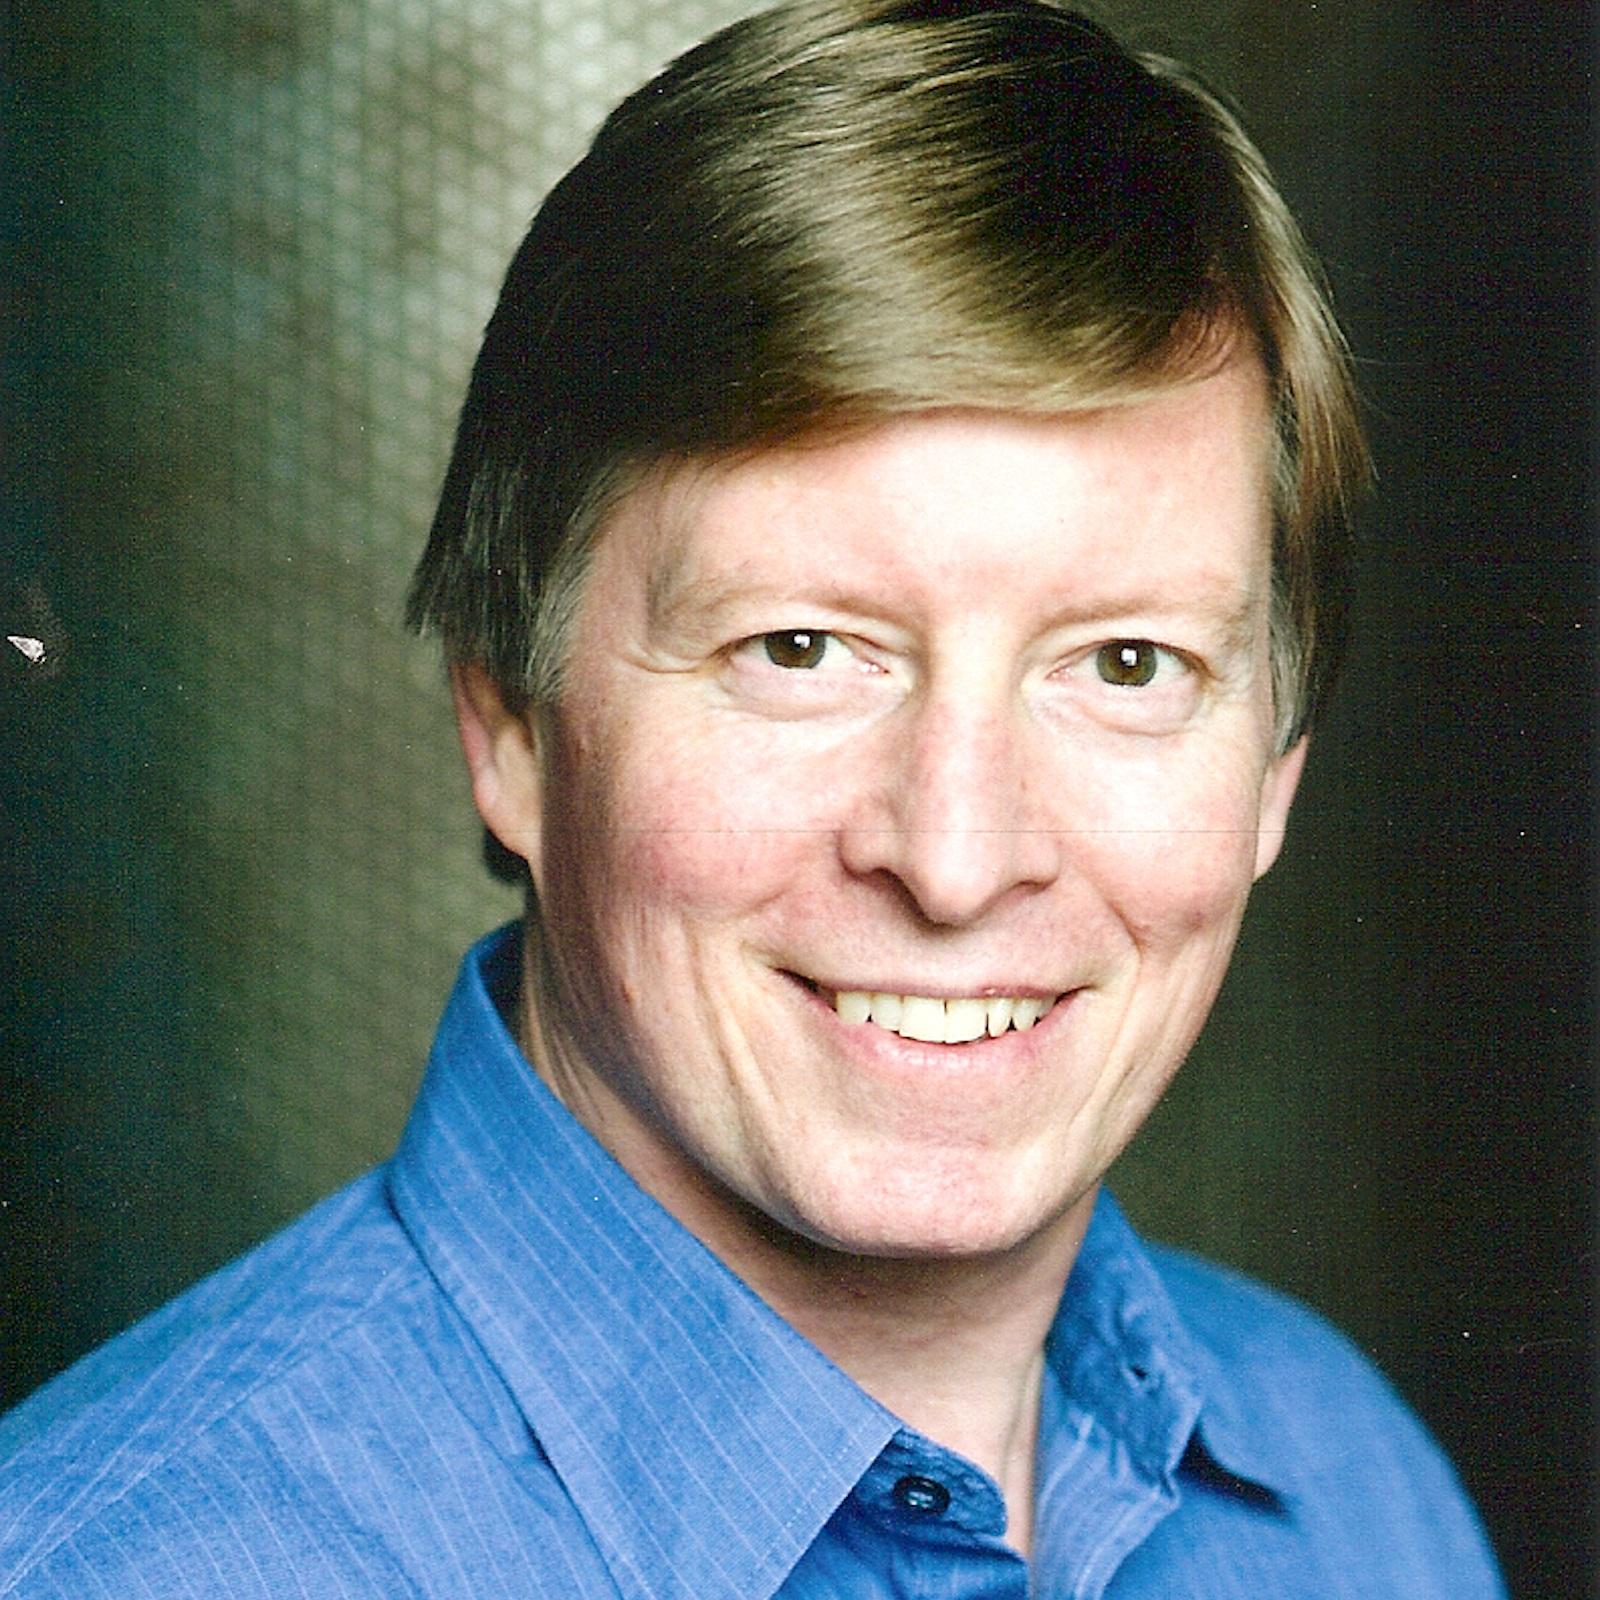 JOE BOSTICK - FIGHT DIRECTOR